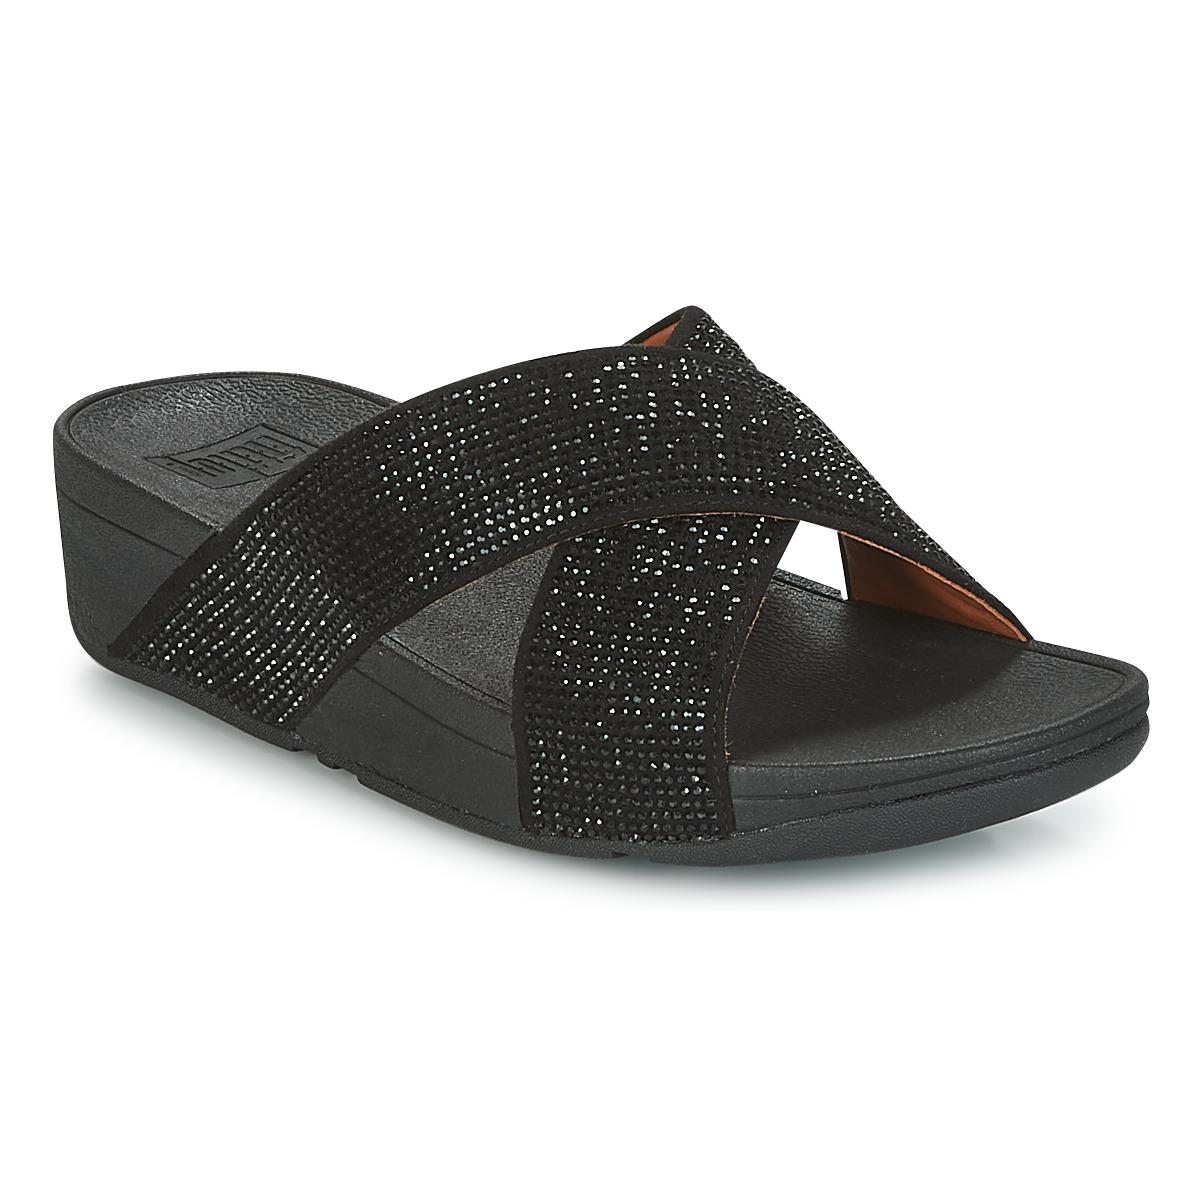 FitFlop CRYSTAL II SLIDE SANDALS Noir - Livraison Gratuite avec  - Chaussures Mules Femme